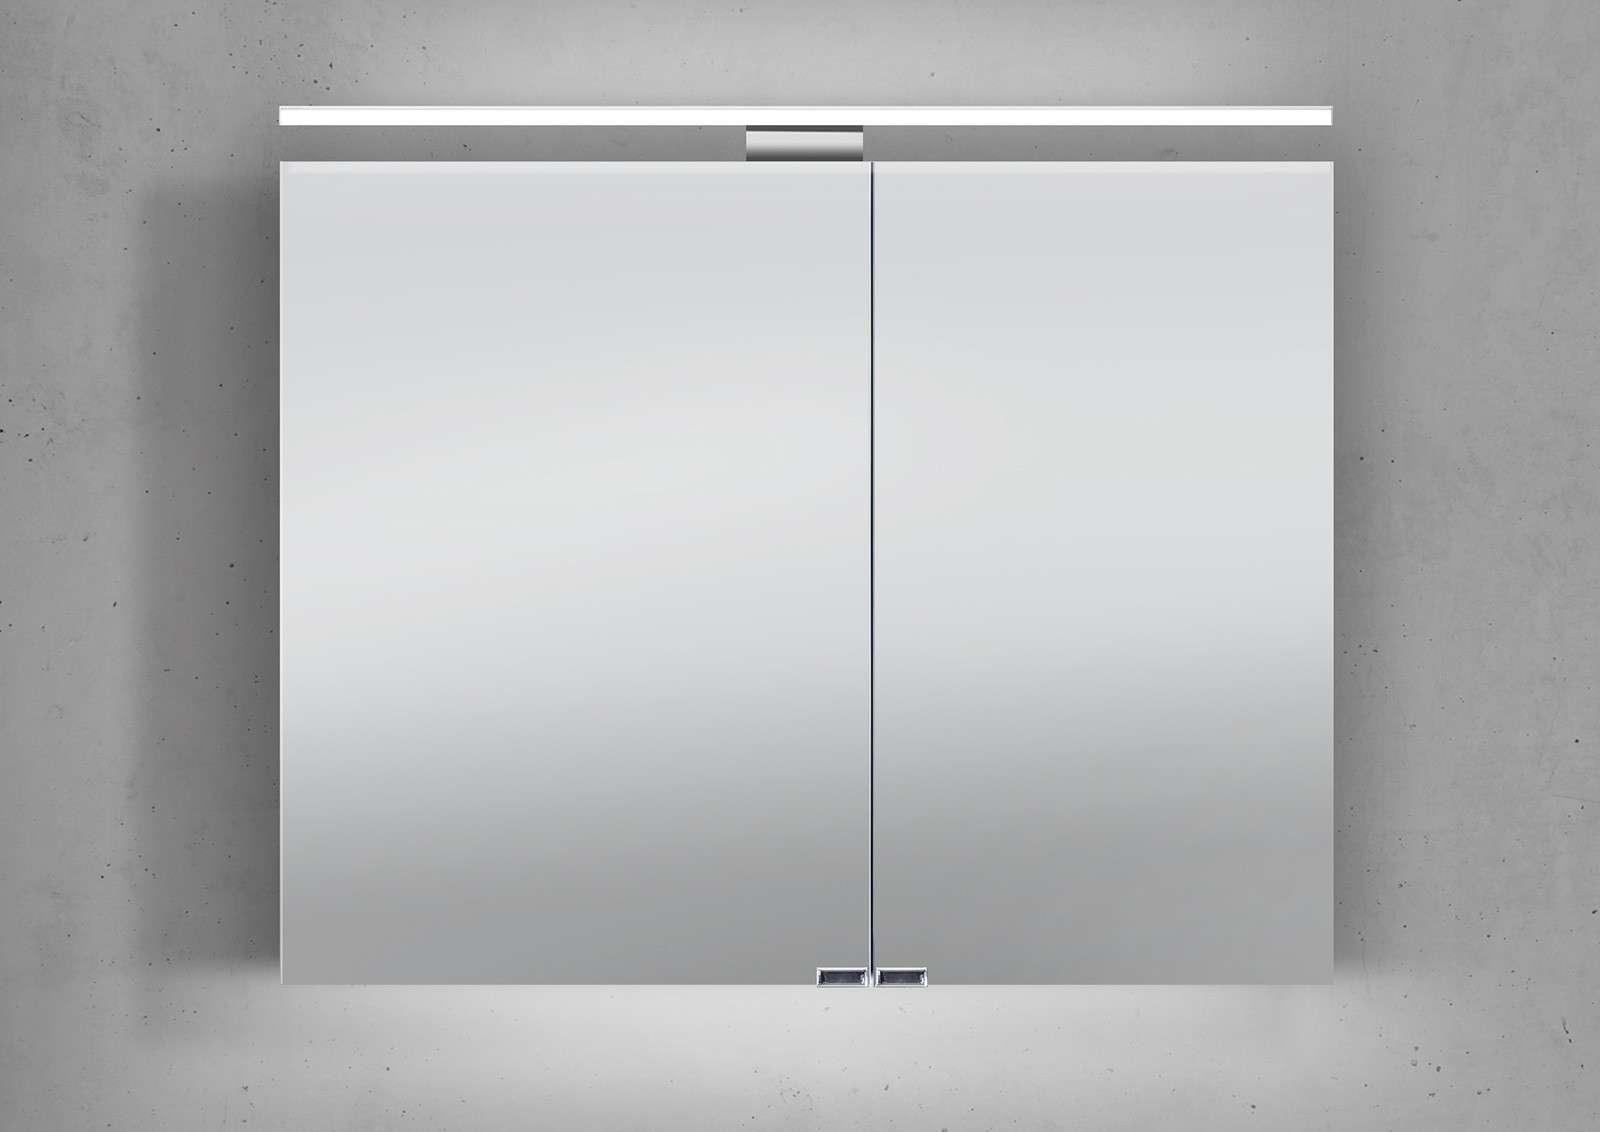 Spiegelschrank Bad Mit Beleuchtung spiegelschrank bad 90 cm led beleuchtung doppelseitig verspiegelt